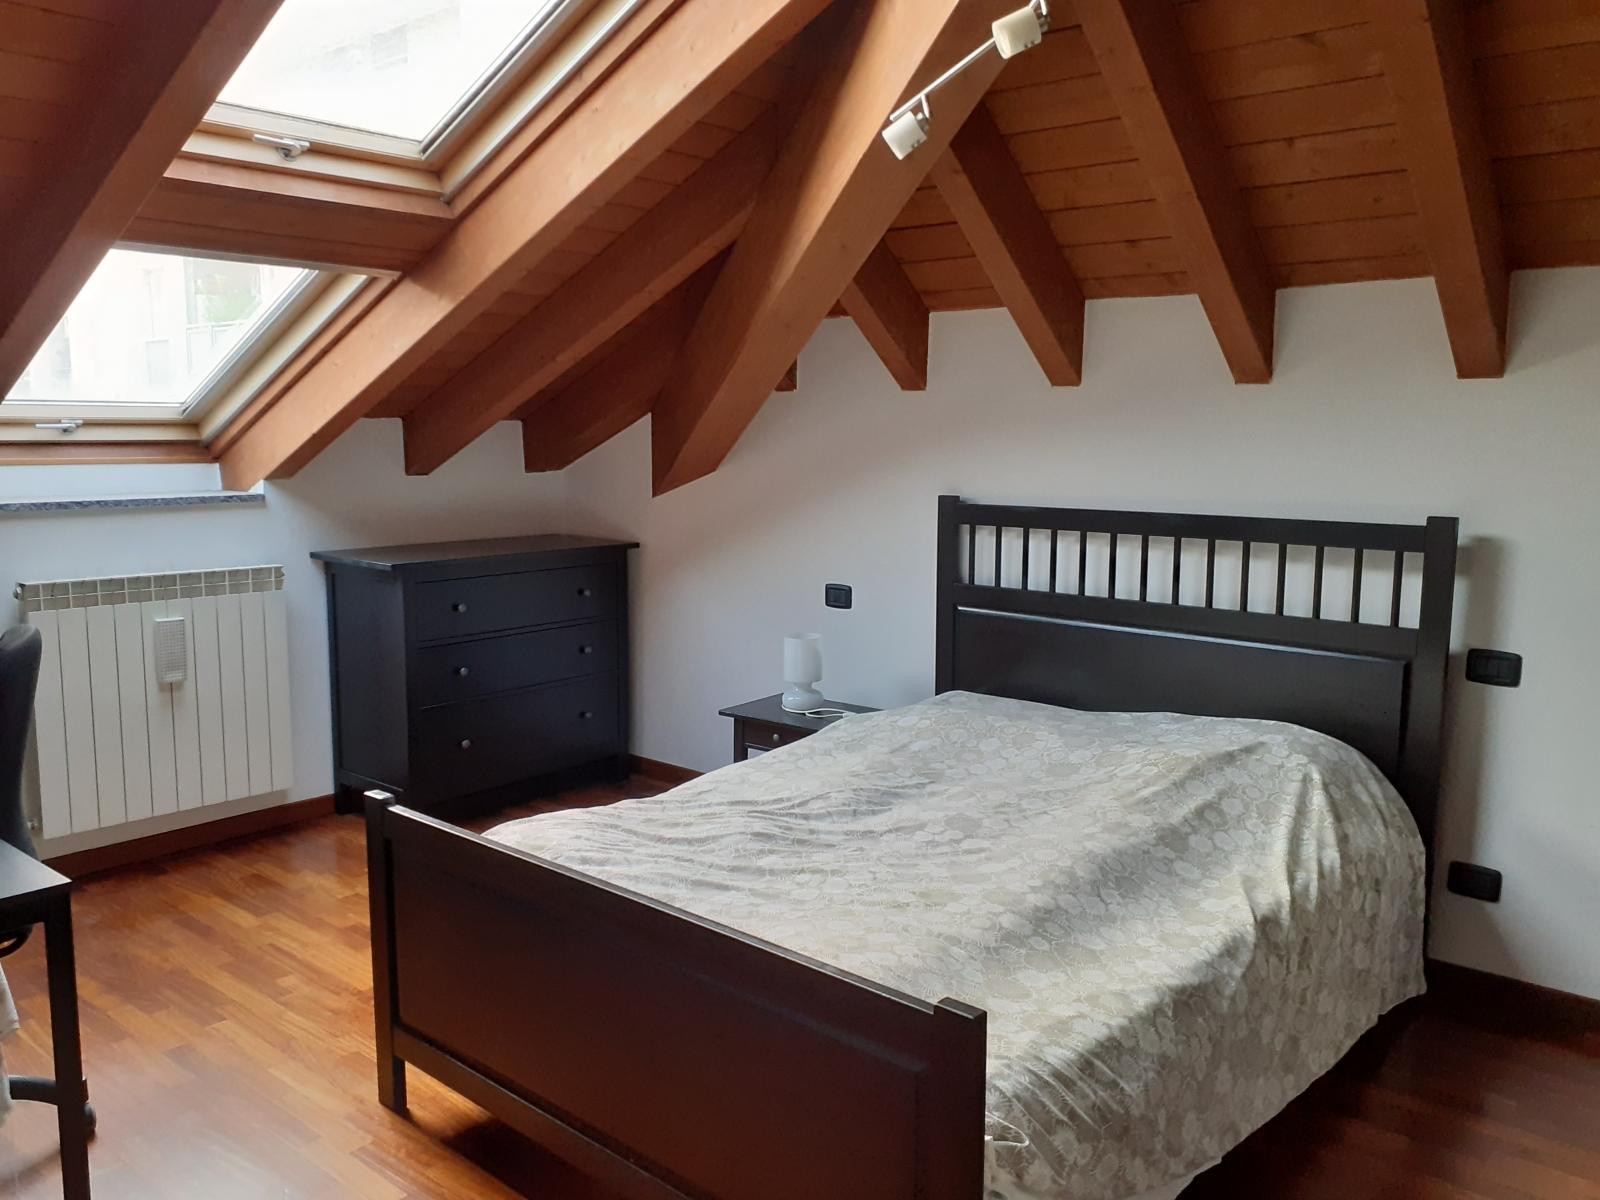 appartamento-in-vendita-a-rho-mansarda-2-3-locali-spaziourbano-immobiliere-vende-1